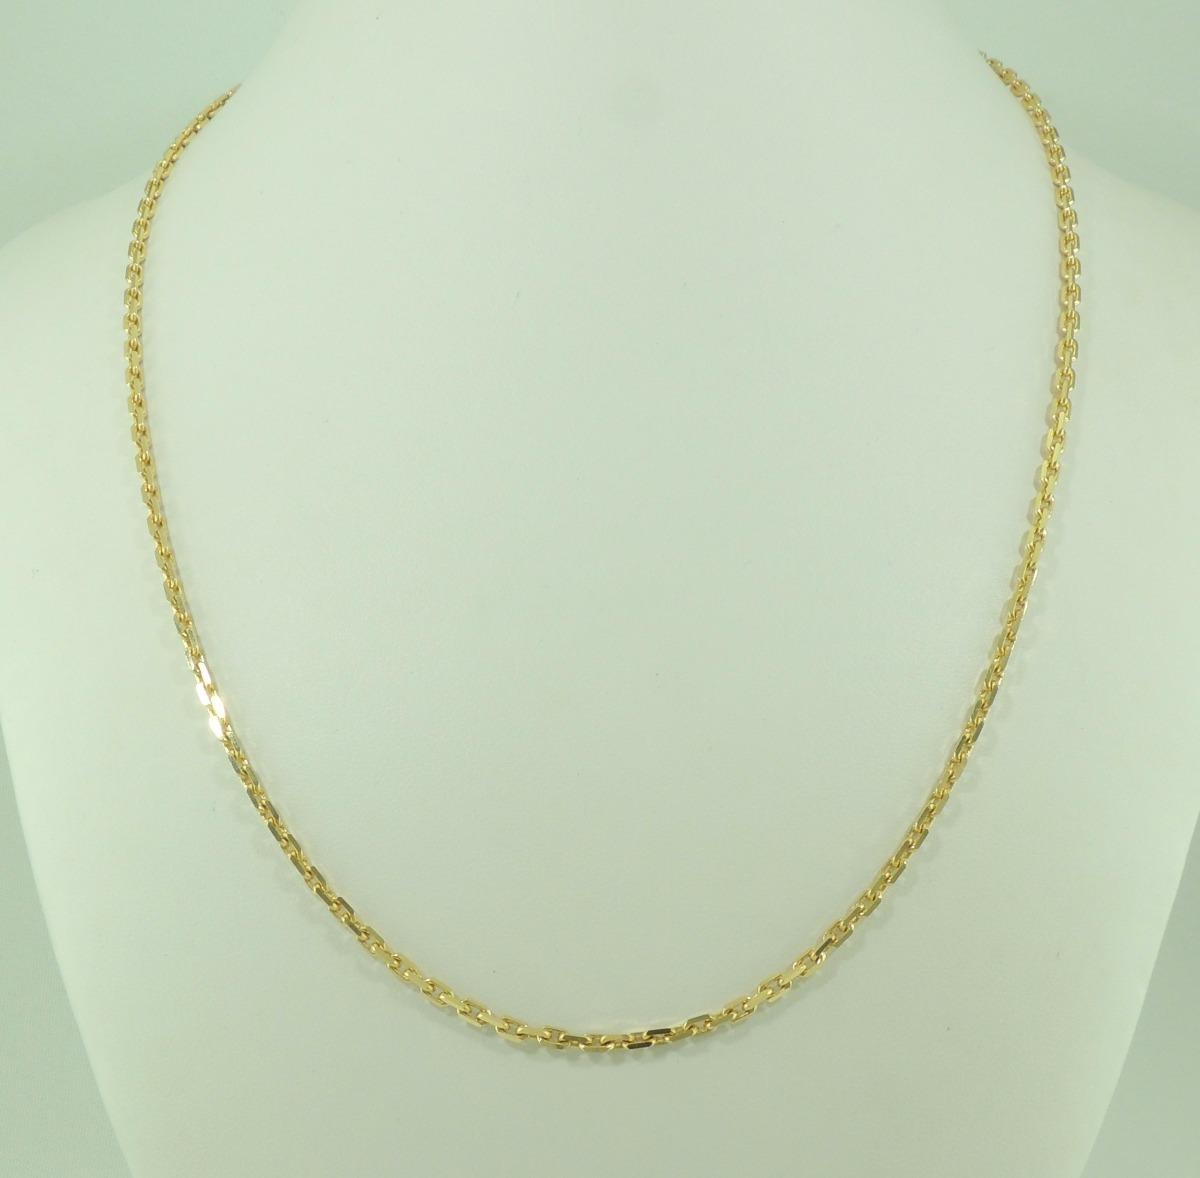 6630867b9c9 corrente cordão maciço cartie maculino 50cm em ouro 18k 750. Carregando zoom .